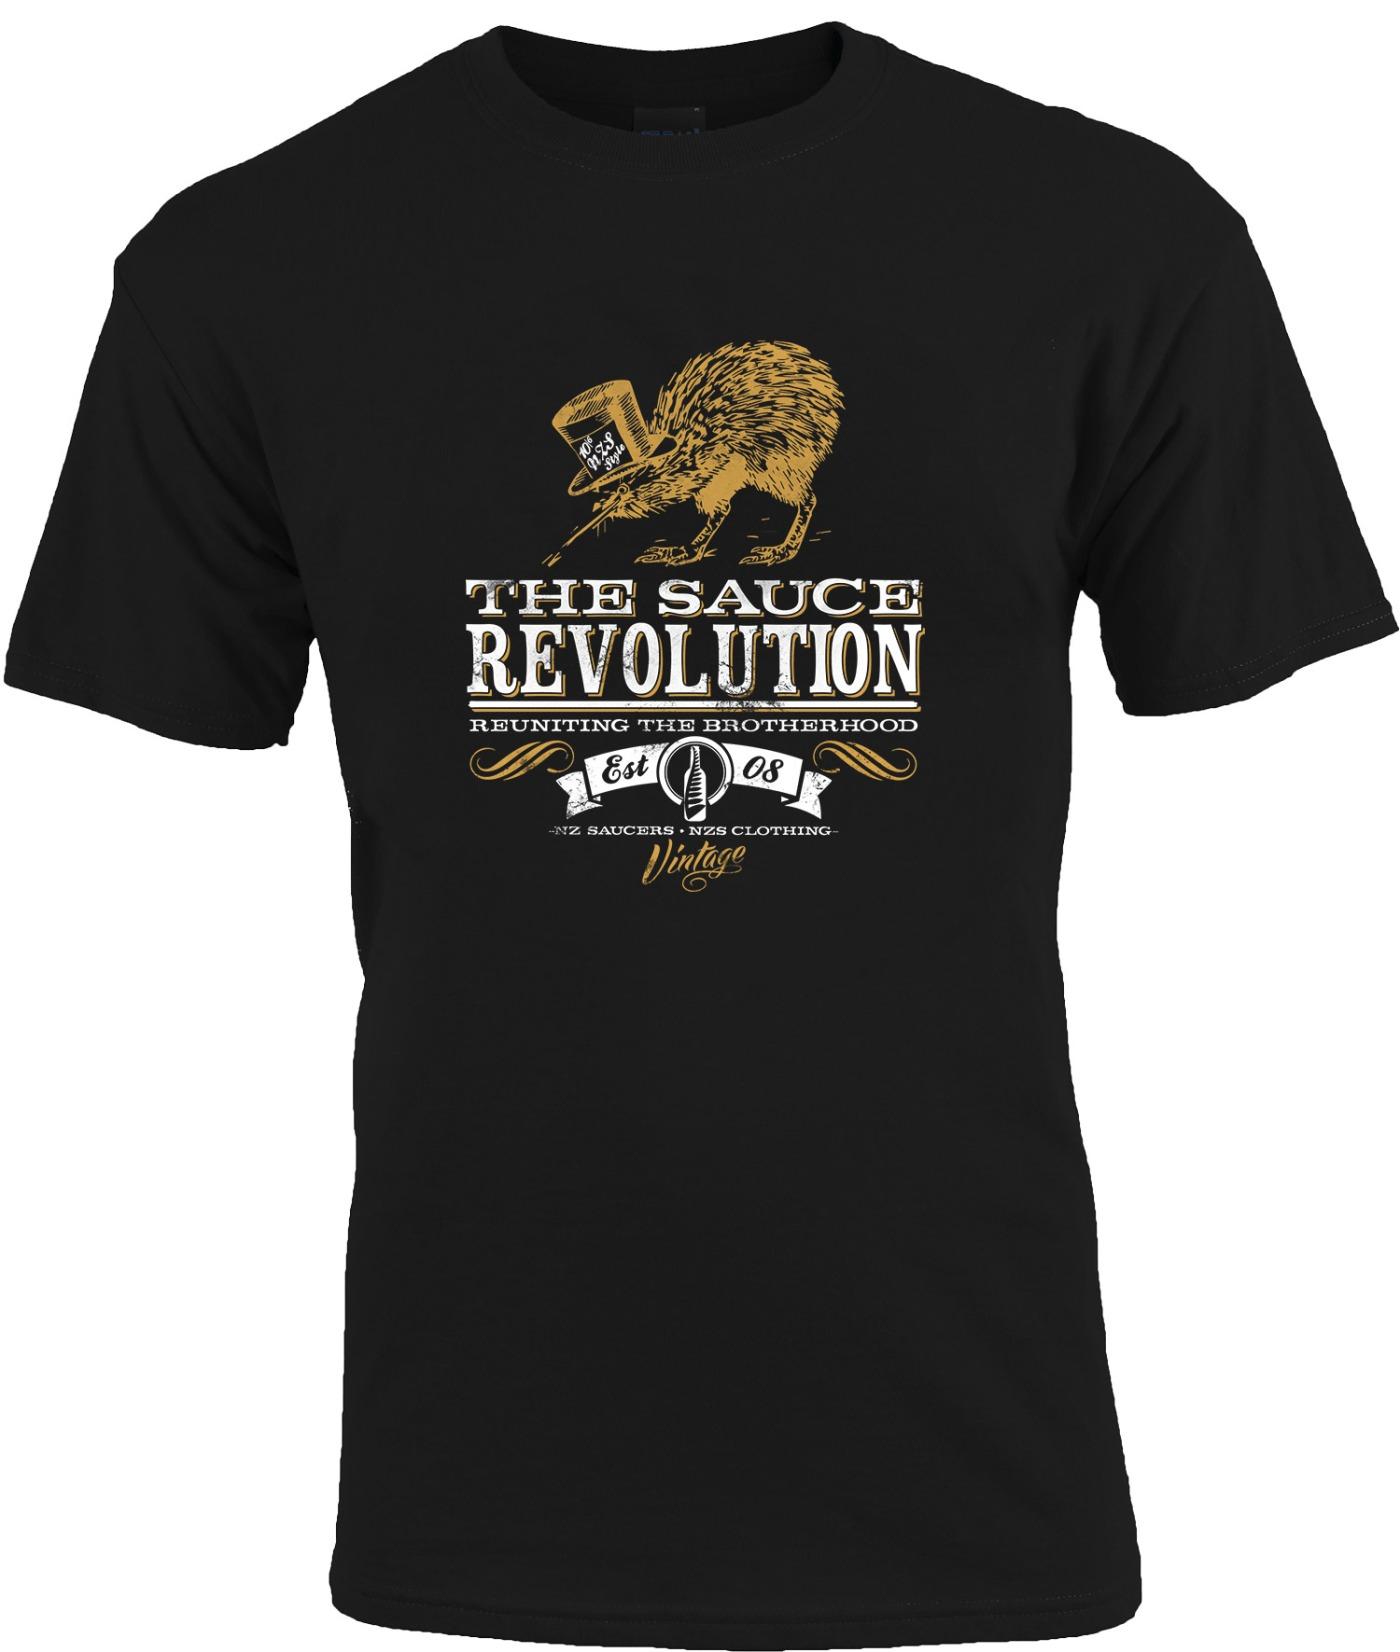 The-Sauce-Revolution-Tee